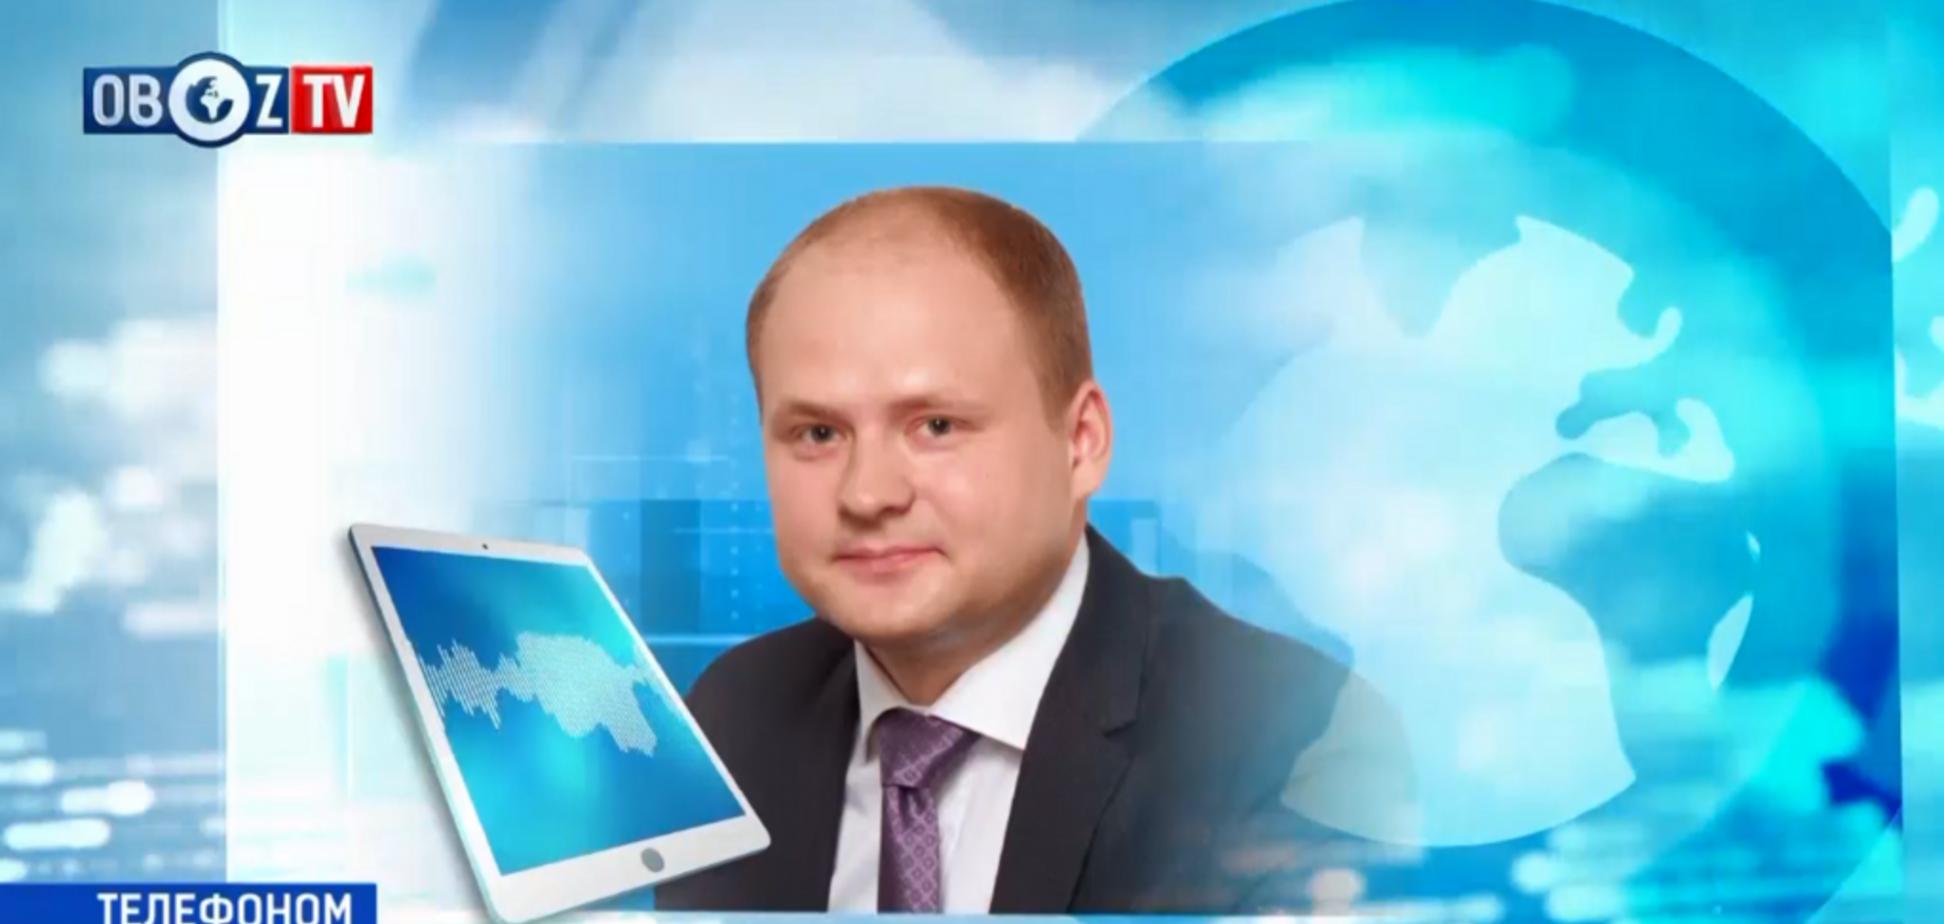 Успех или 'зрада': газовому контракту Украины и России дали оценку